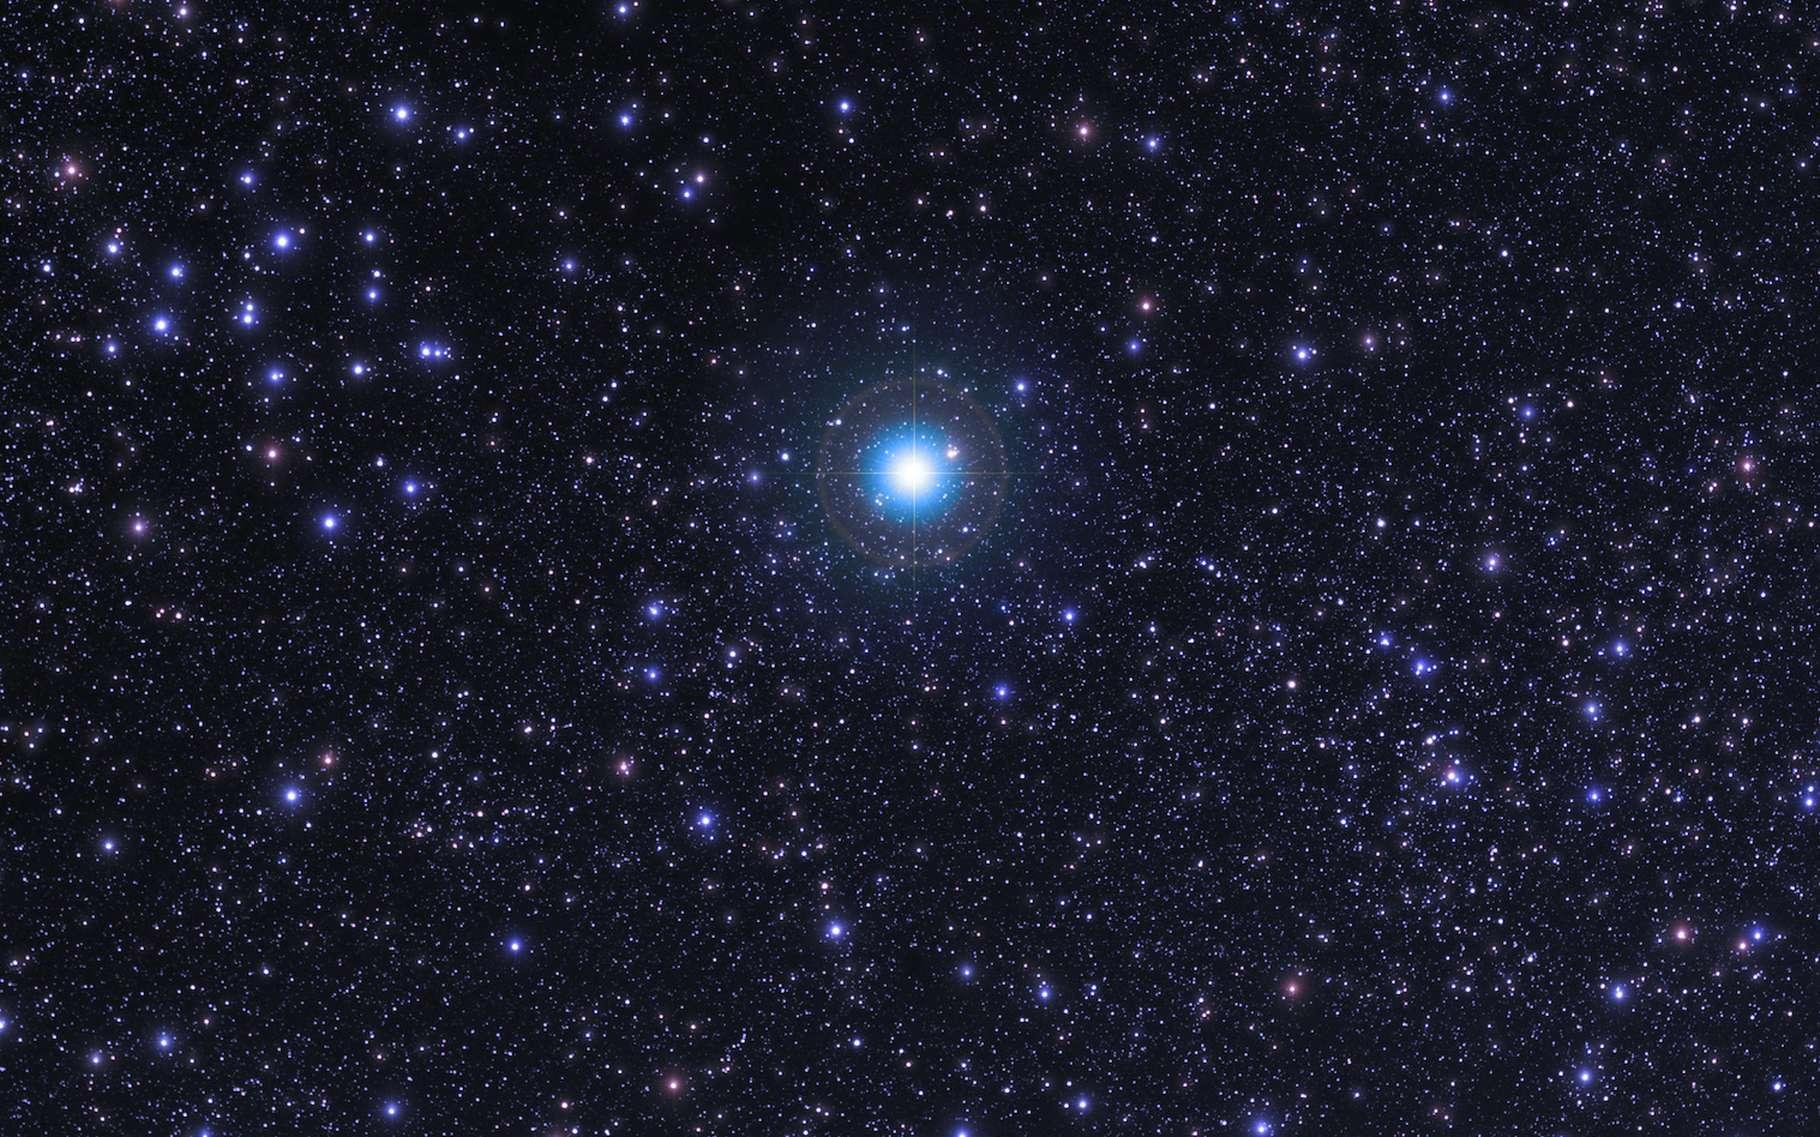 Sirius, l'étoile la plus brillante du ciel nocturne, est en fait un système stellaire à deux étoiles. © astrosystem, Adobe Stock